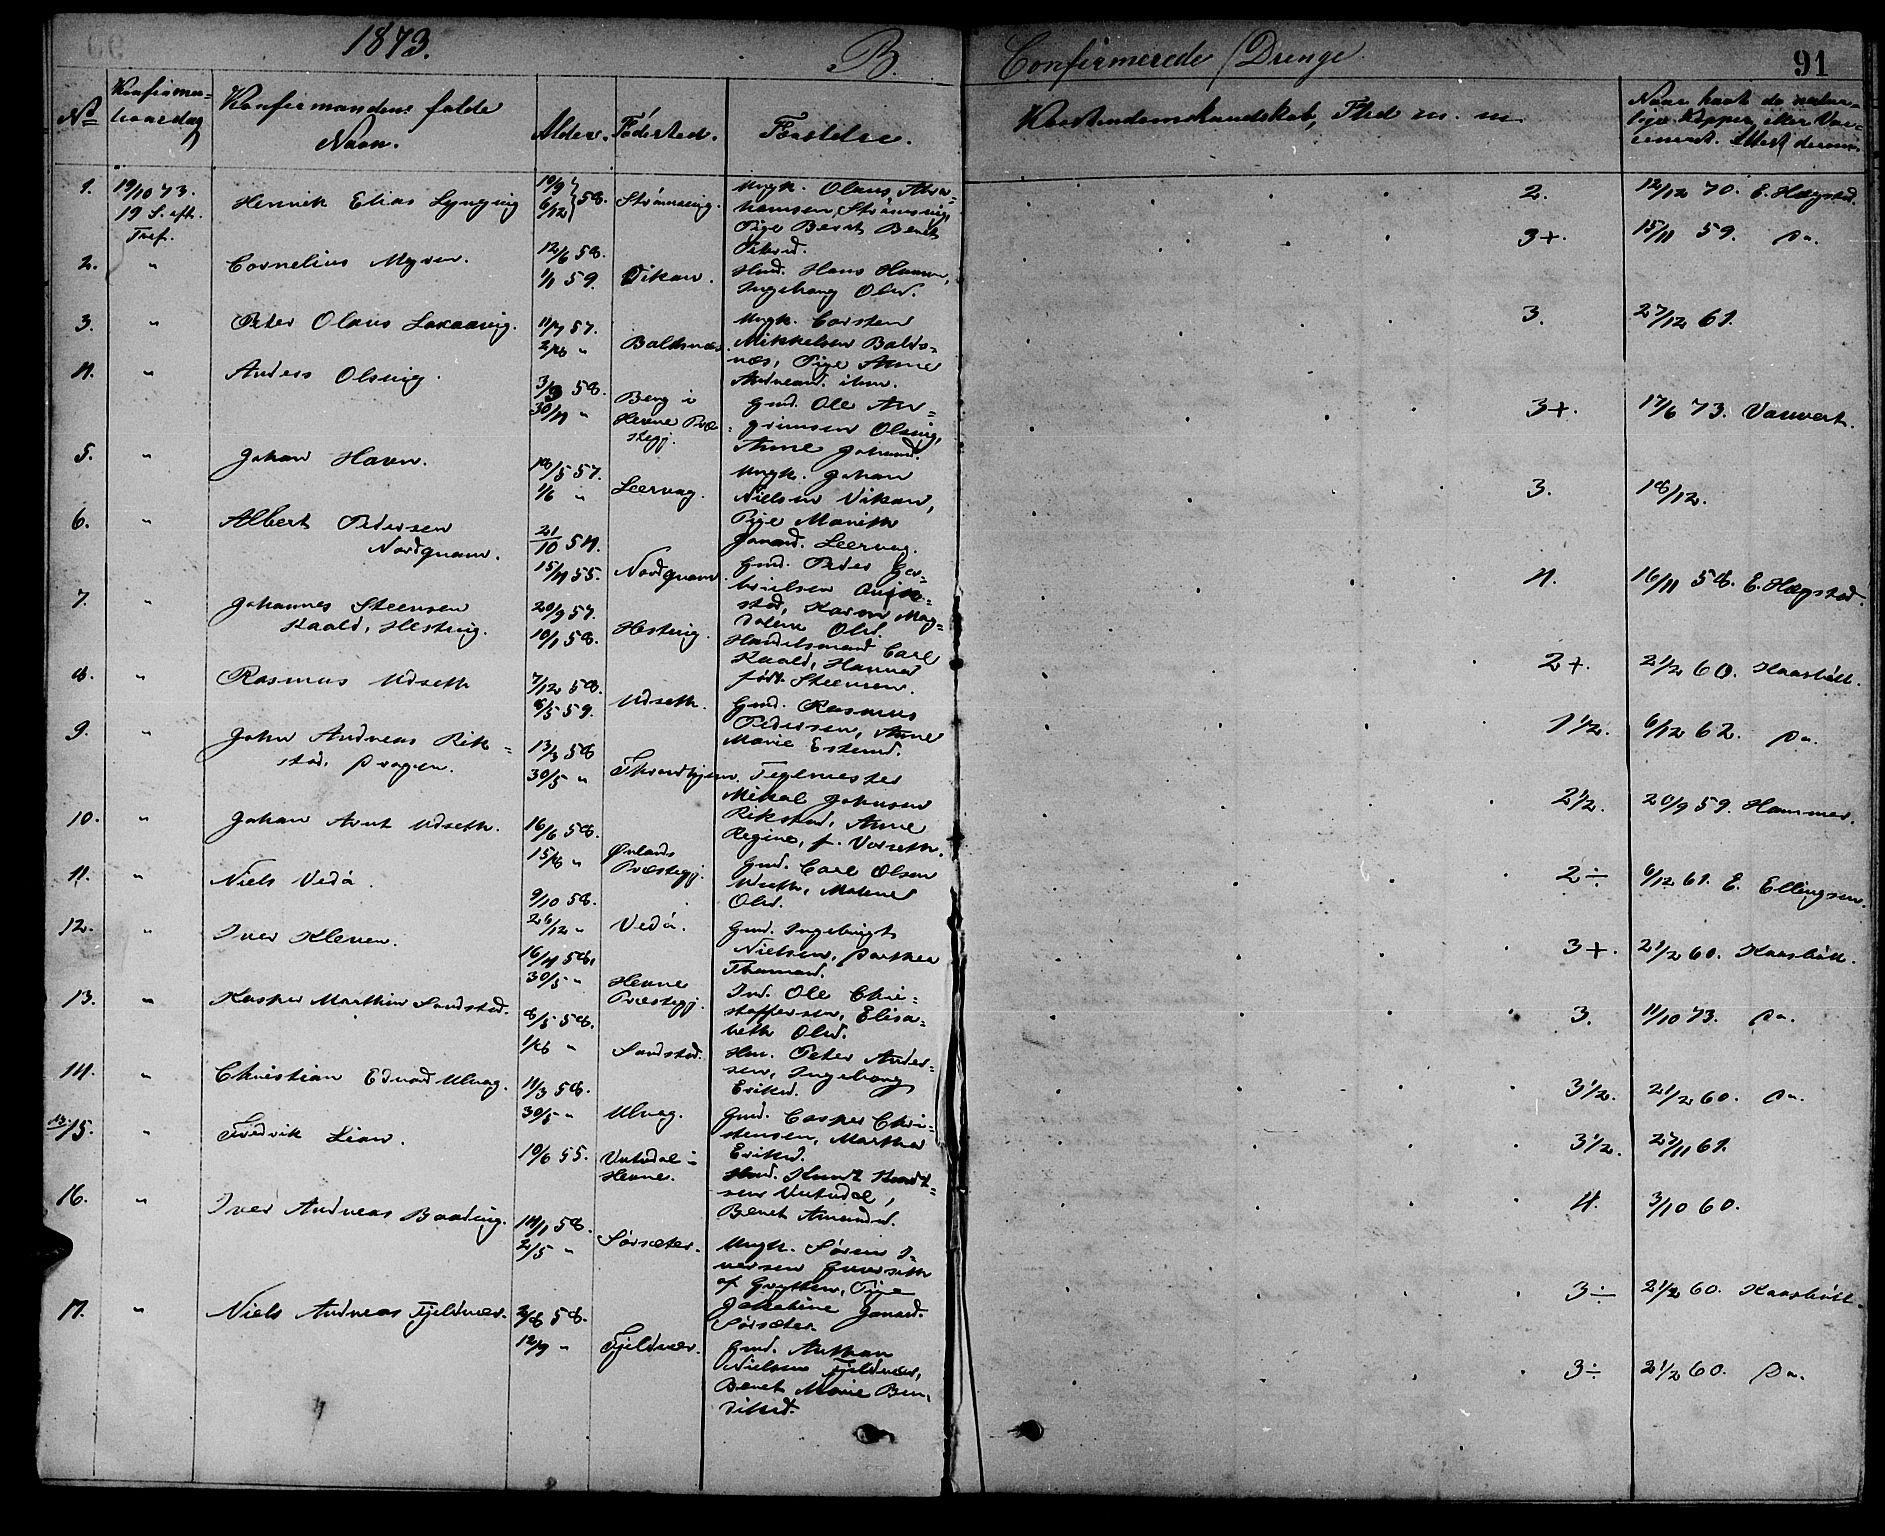 SAT, Ministerialprotokoller, klokkerbøker og fødselsregistre - Sør-Trøndelag, 637/L0561: Klokkerbok nr. 637C02, 1873-1882, s. 91